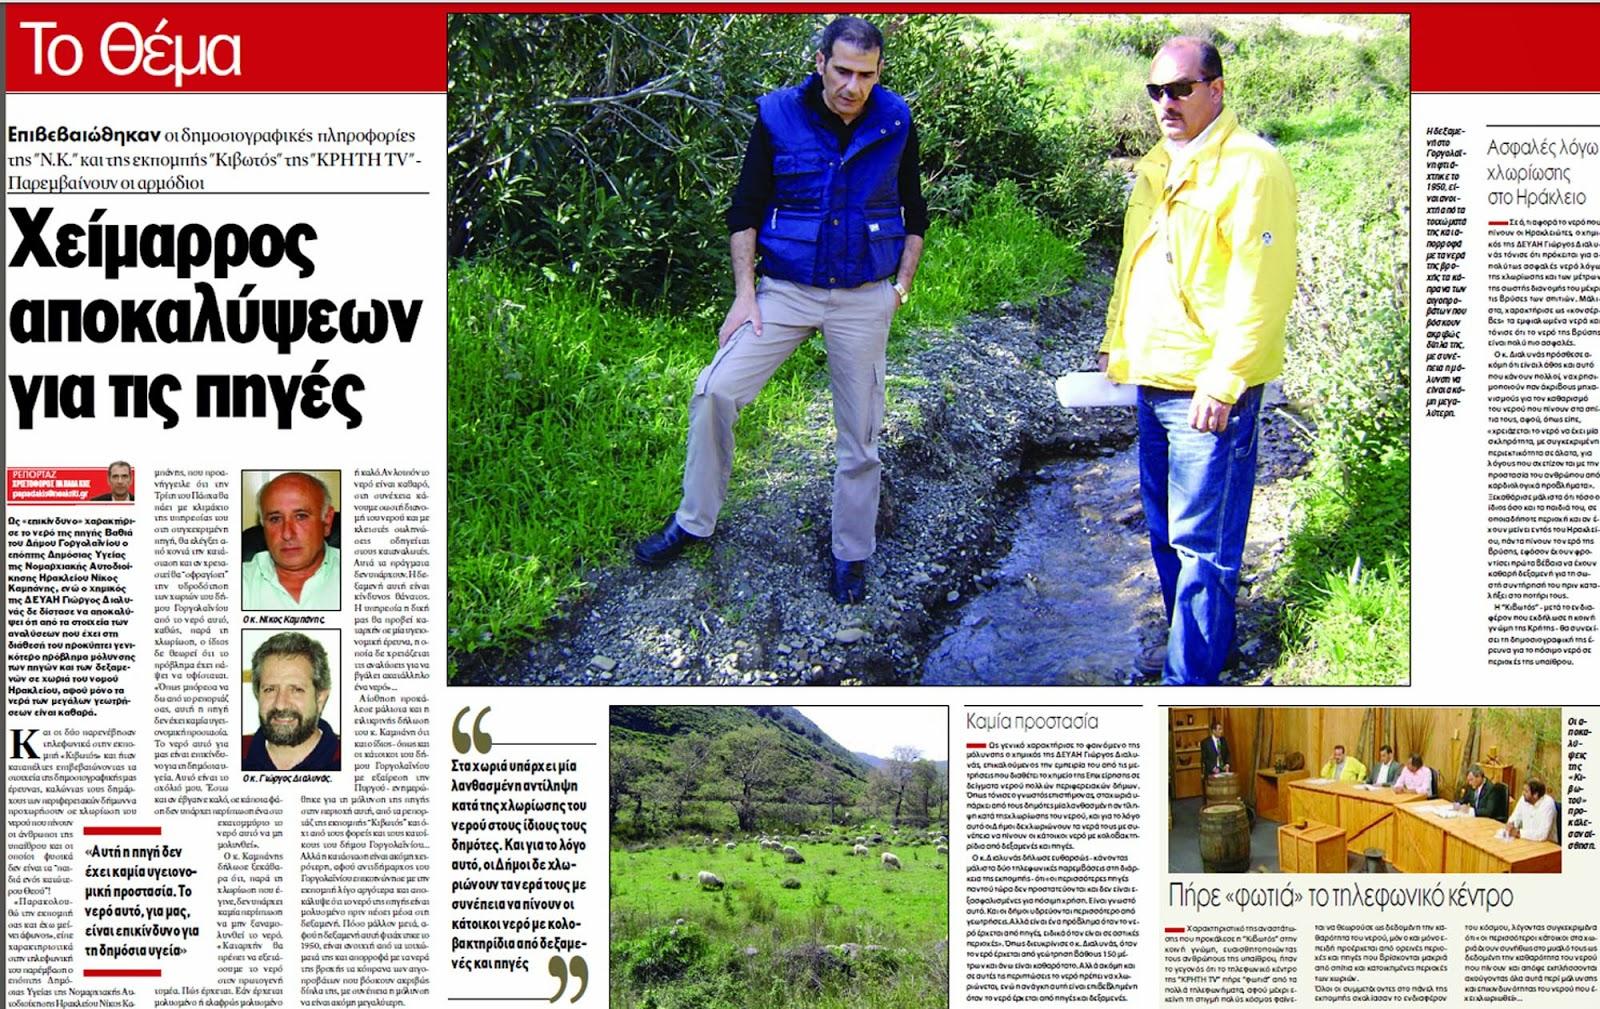 Από τις εκπομπές του 2009 για το μολυσμένο νερό σε χωριά του νομού Ηρακλείου